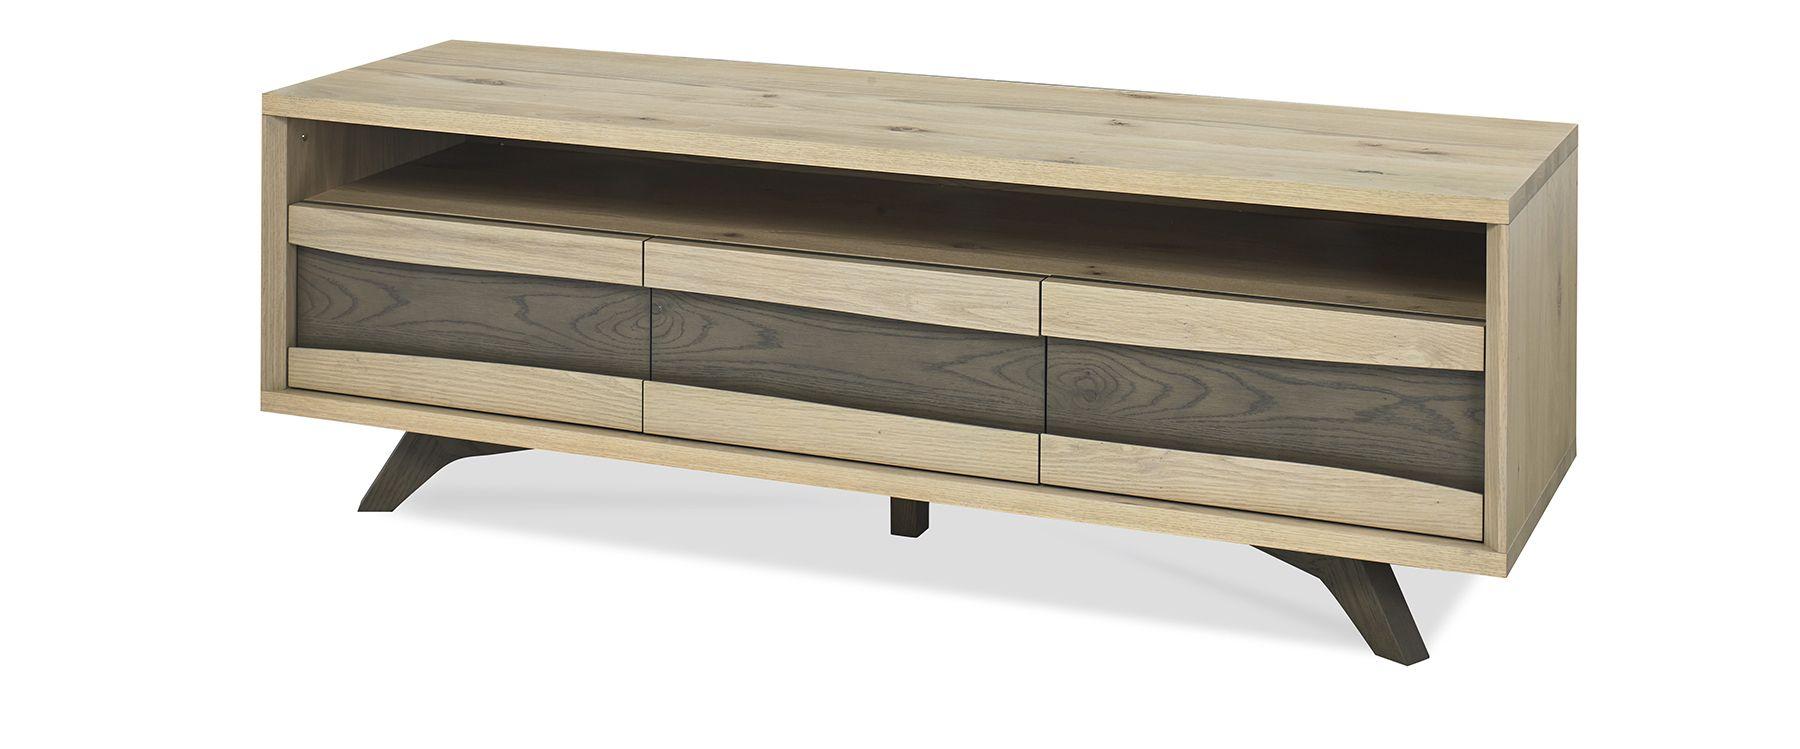 CARELL TV UNIT - L150cm x D45cm xH51cm - ANGLE DETAIL